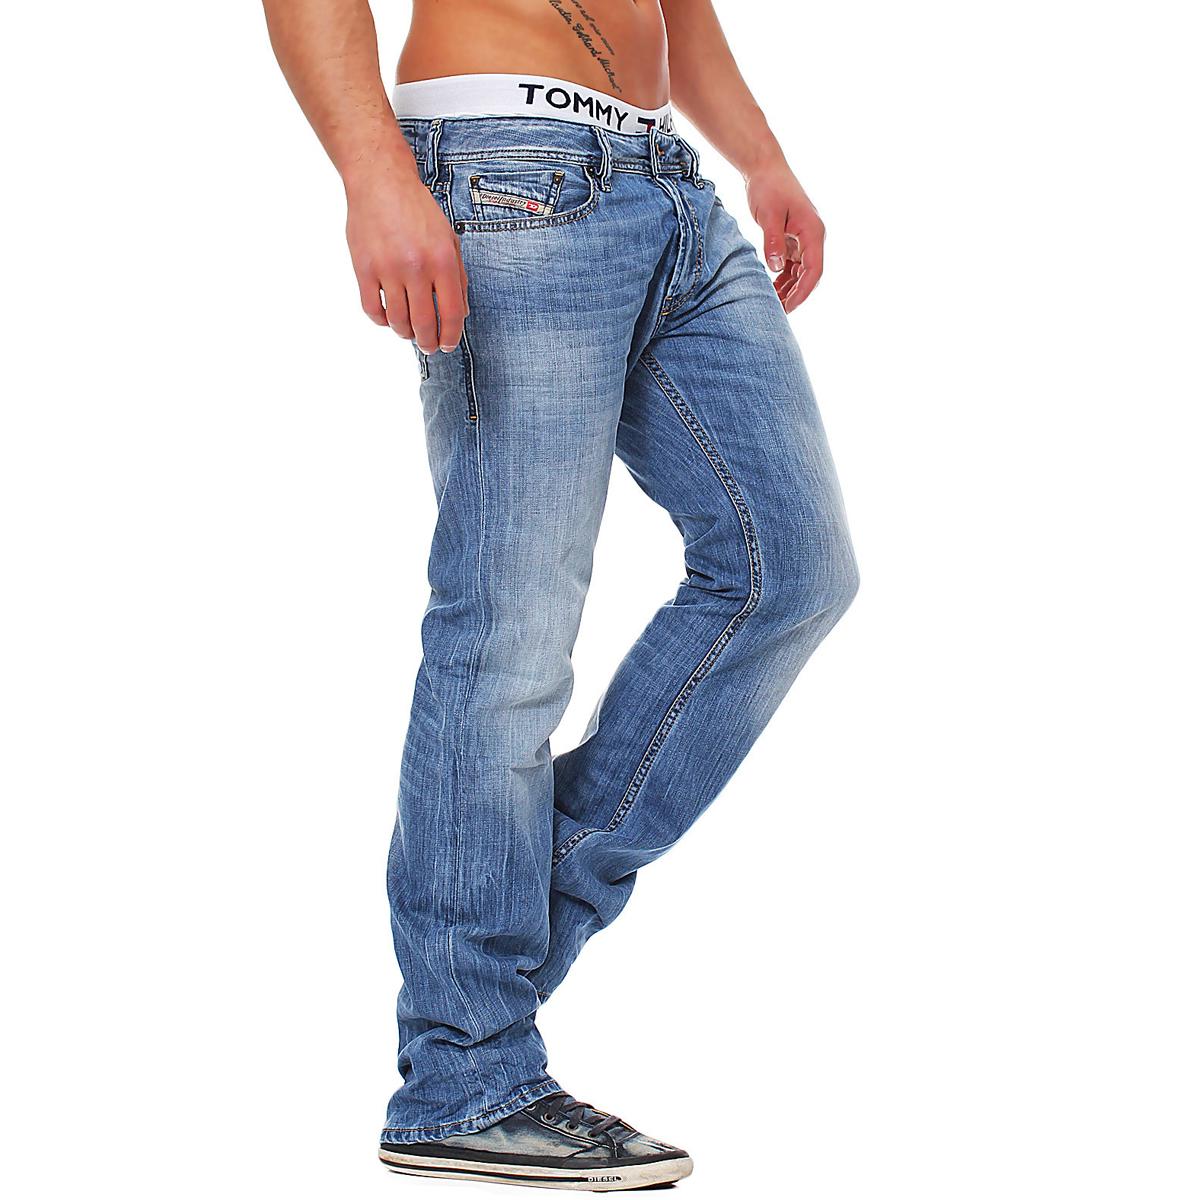 diesel jeans new fanker herren hose regular slim bootcut. Black Bedroom Furniture Sets. Home Design Ideas